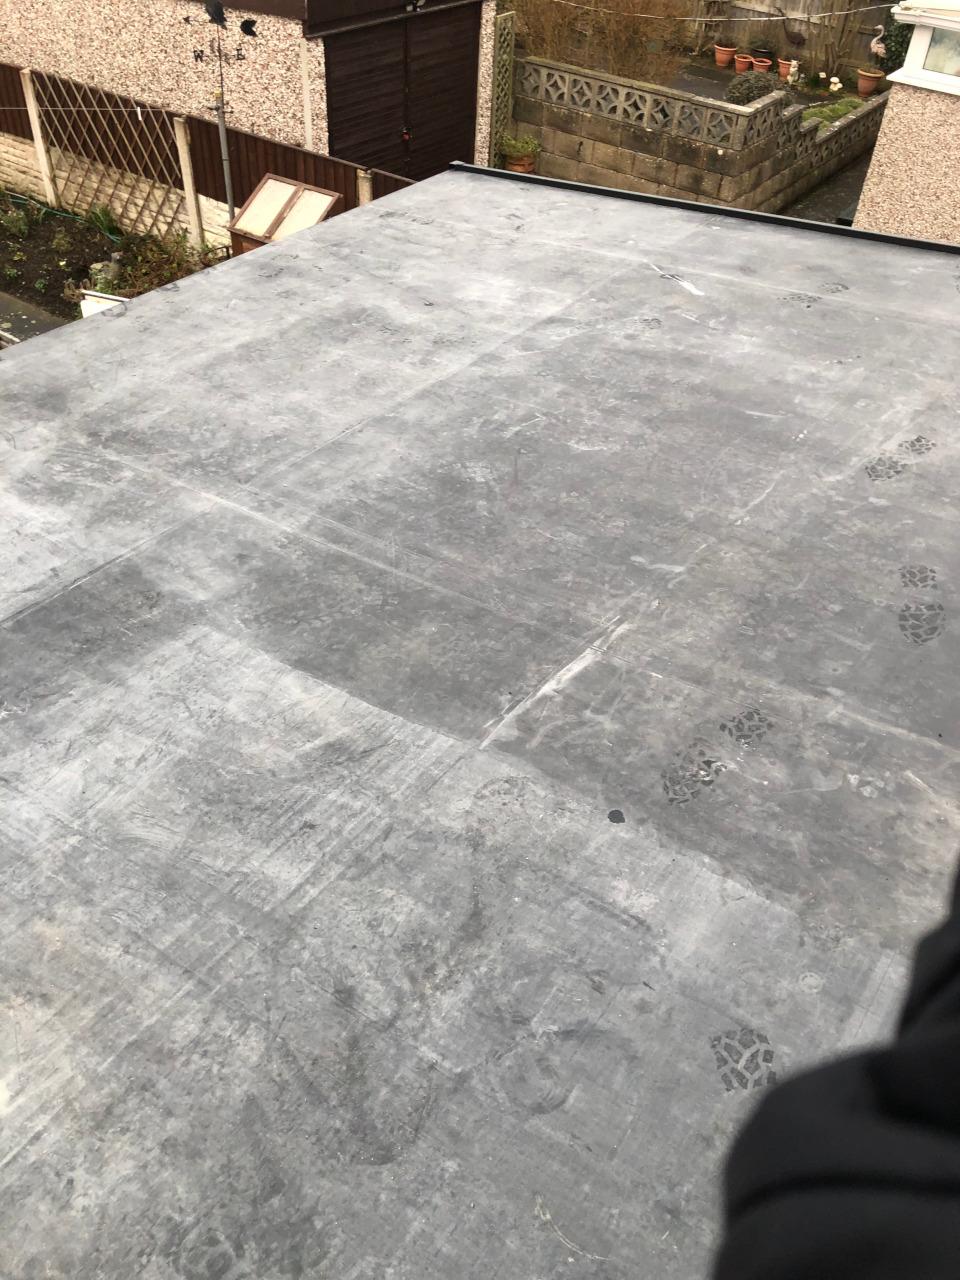 Felt flat roof repair in Llandudno.